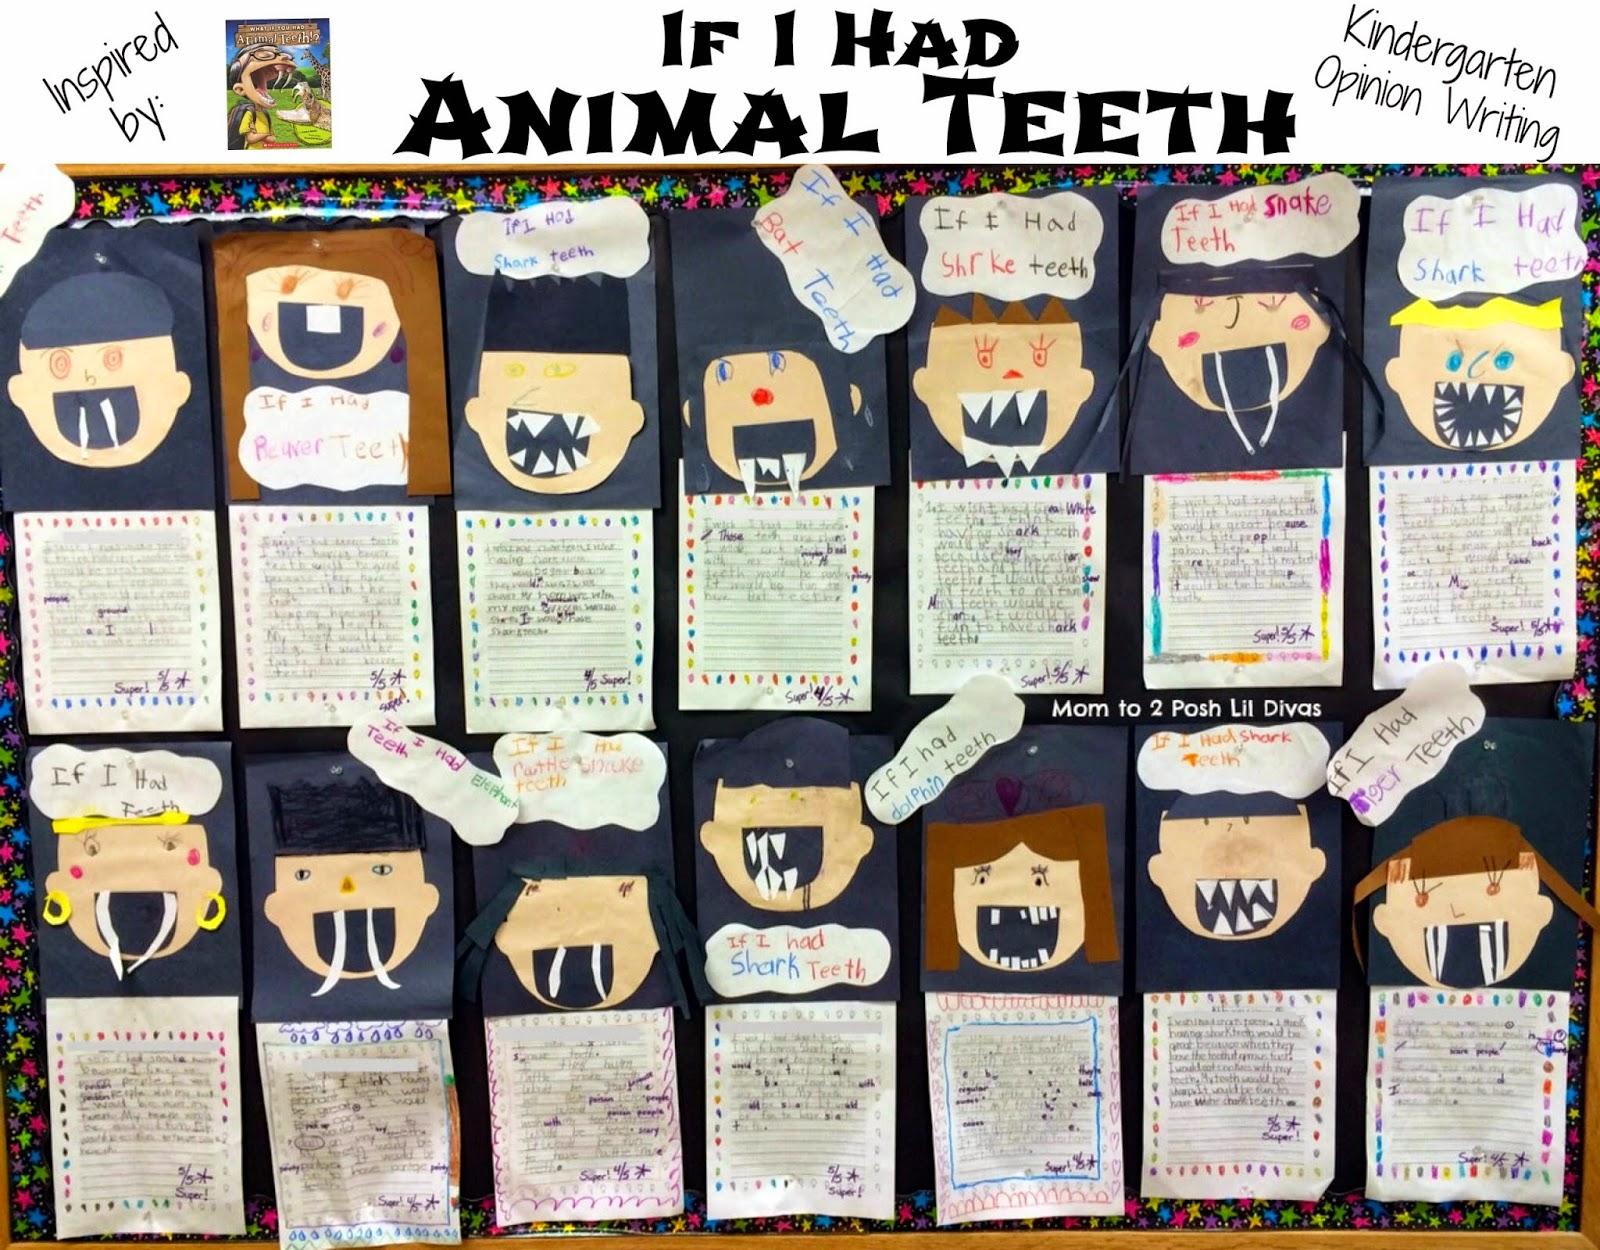 Kindergarten Opinion Writing If I Had Animal Teeth